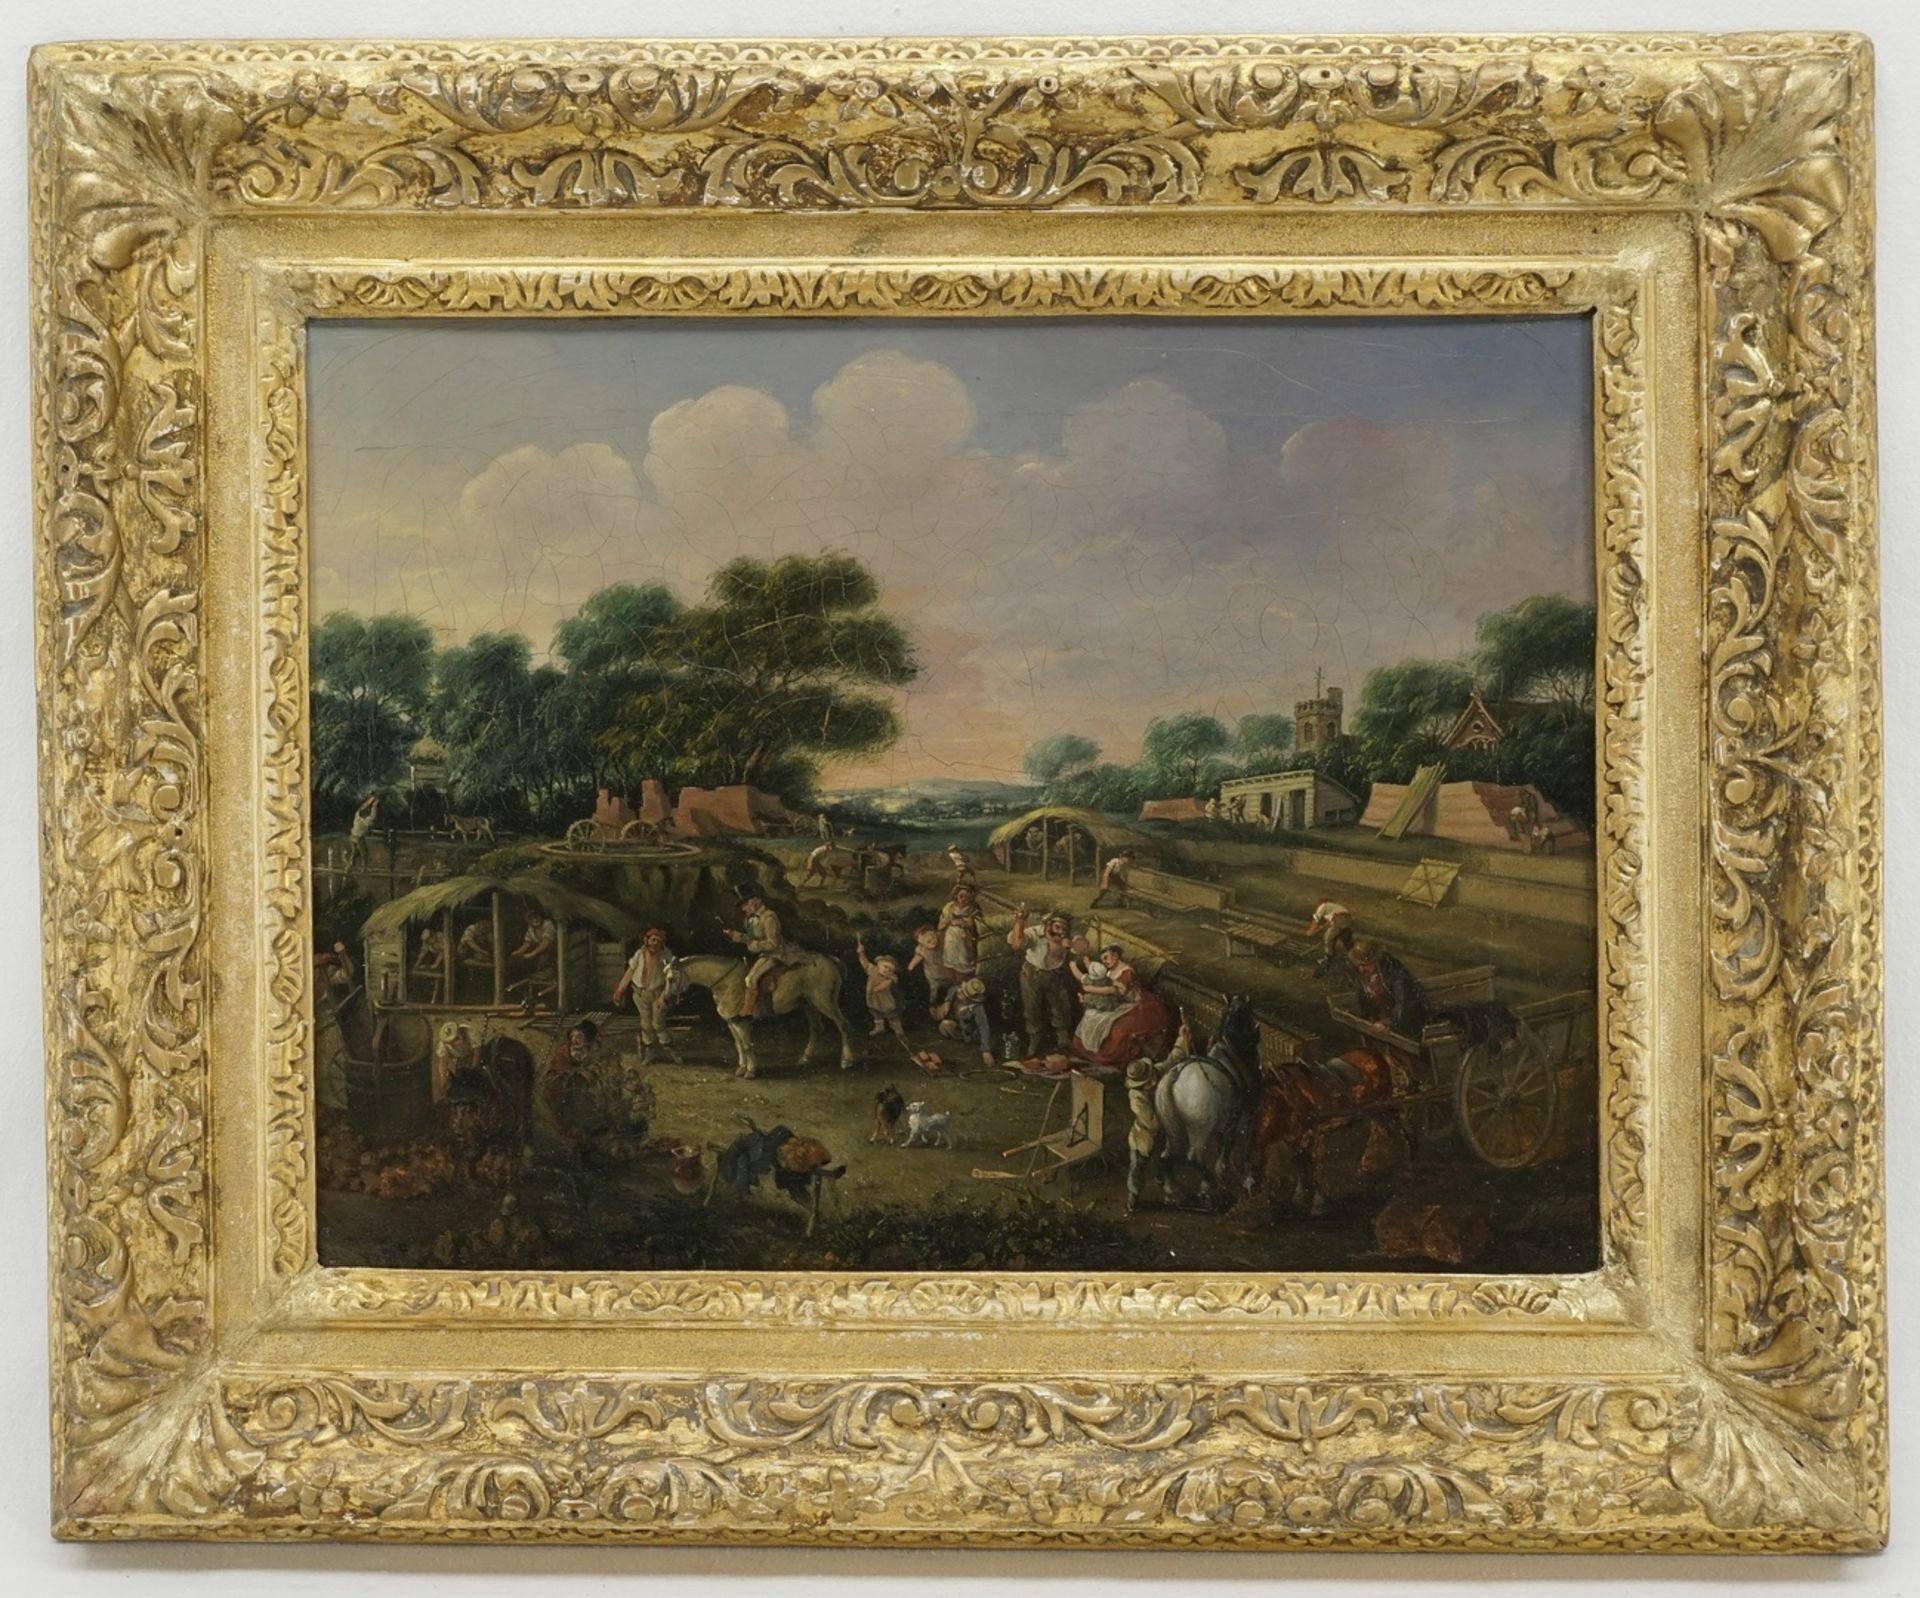 G. Forster, Ziegelfabrikation bei Edmonton, Middlesex - Bild 2 aus 3